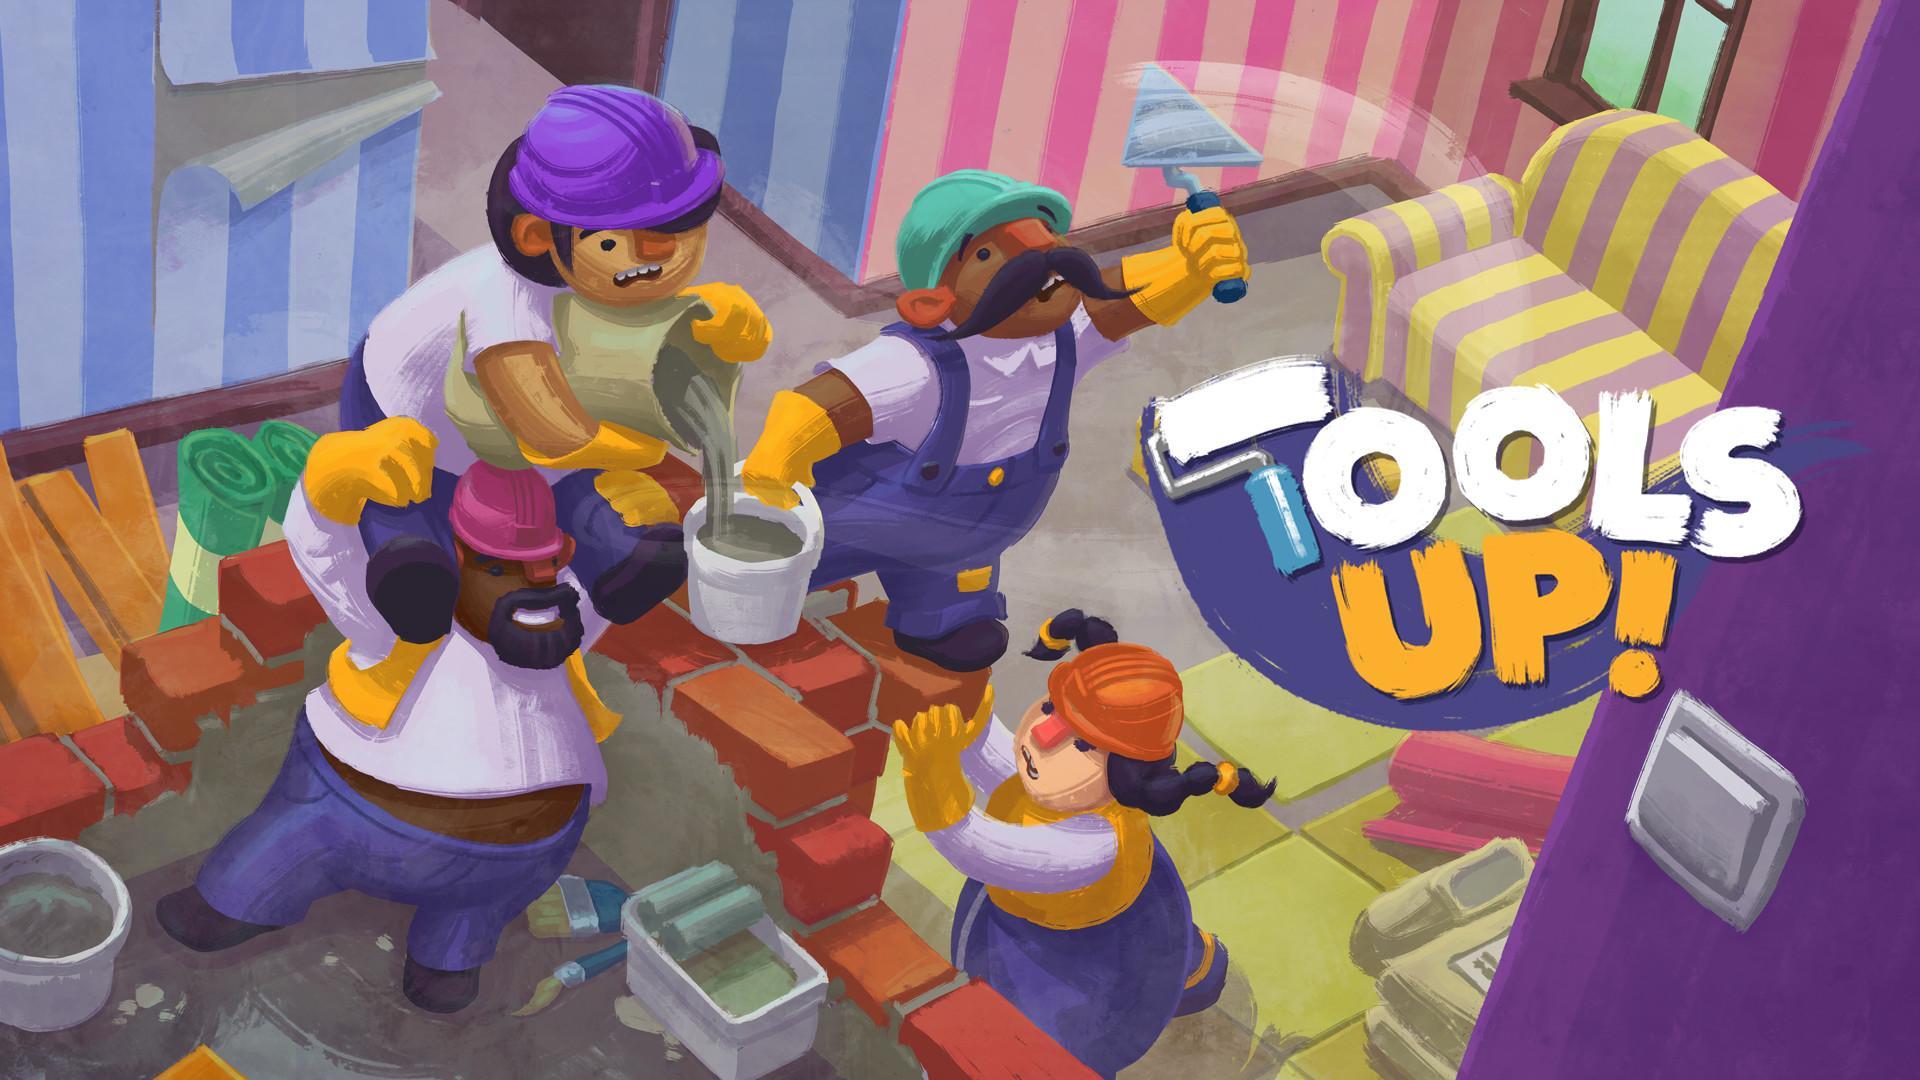 合力装修新居考验友情 《Tools Up!》年内登场